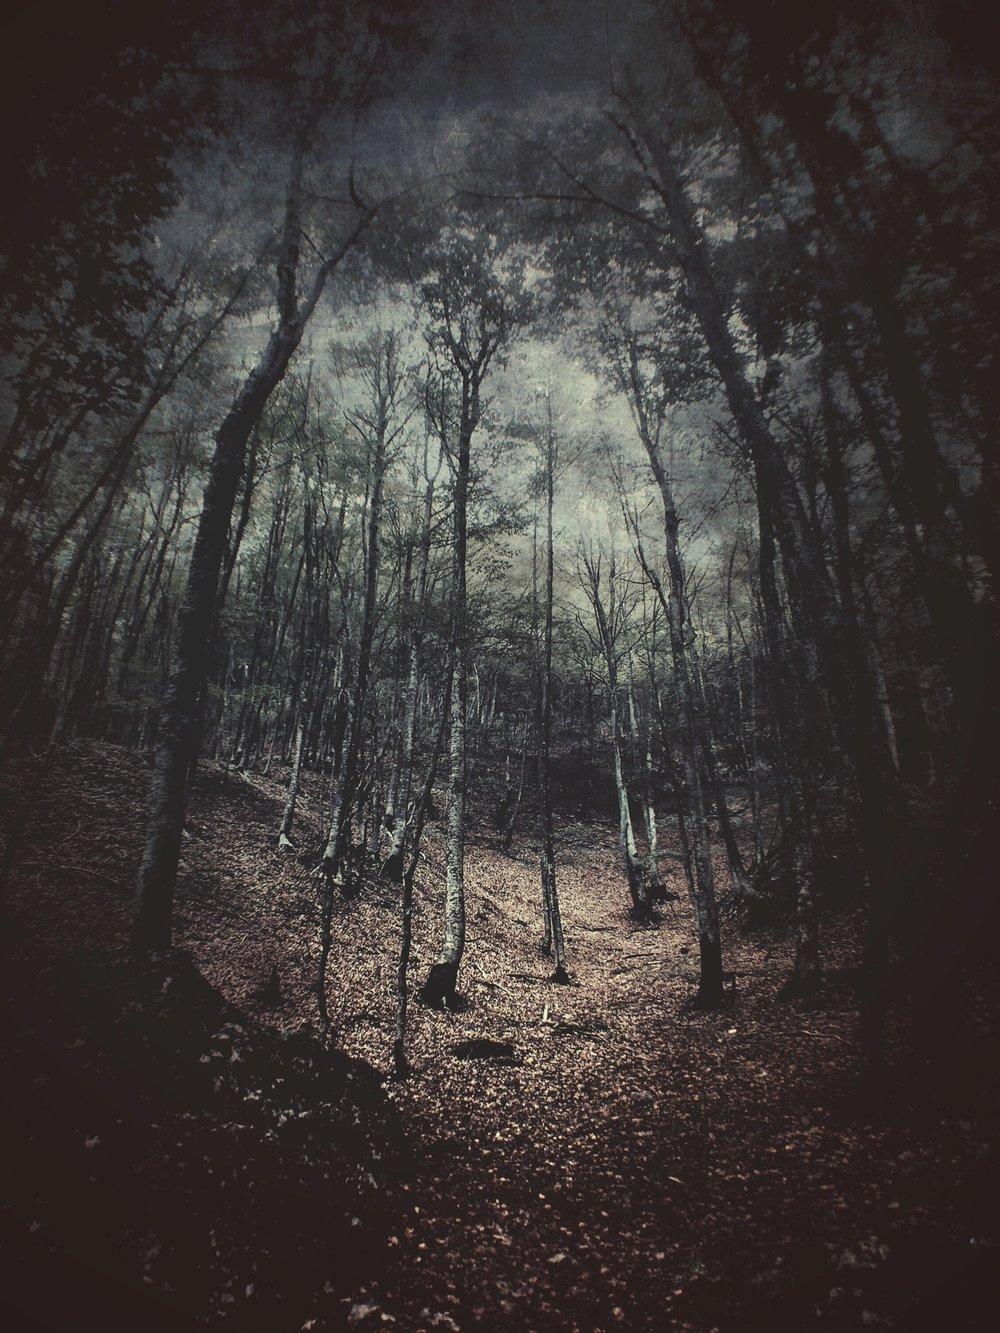 trees-1469694184635.jpeg